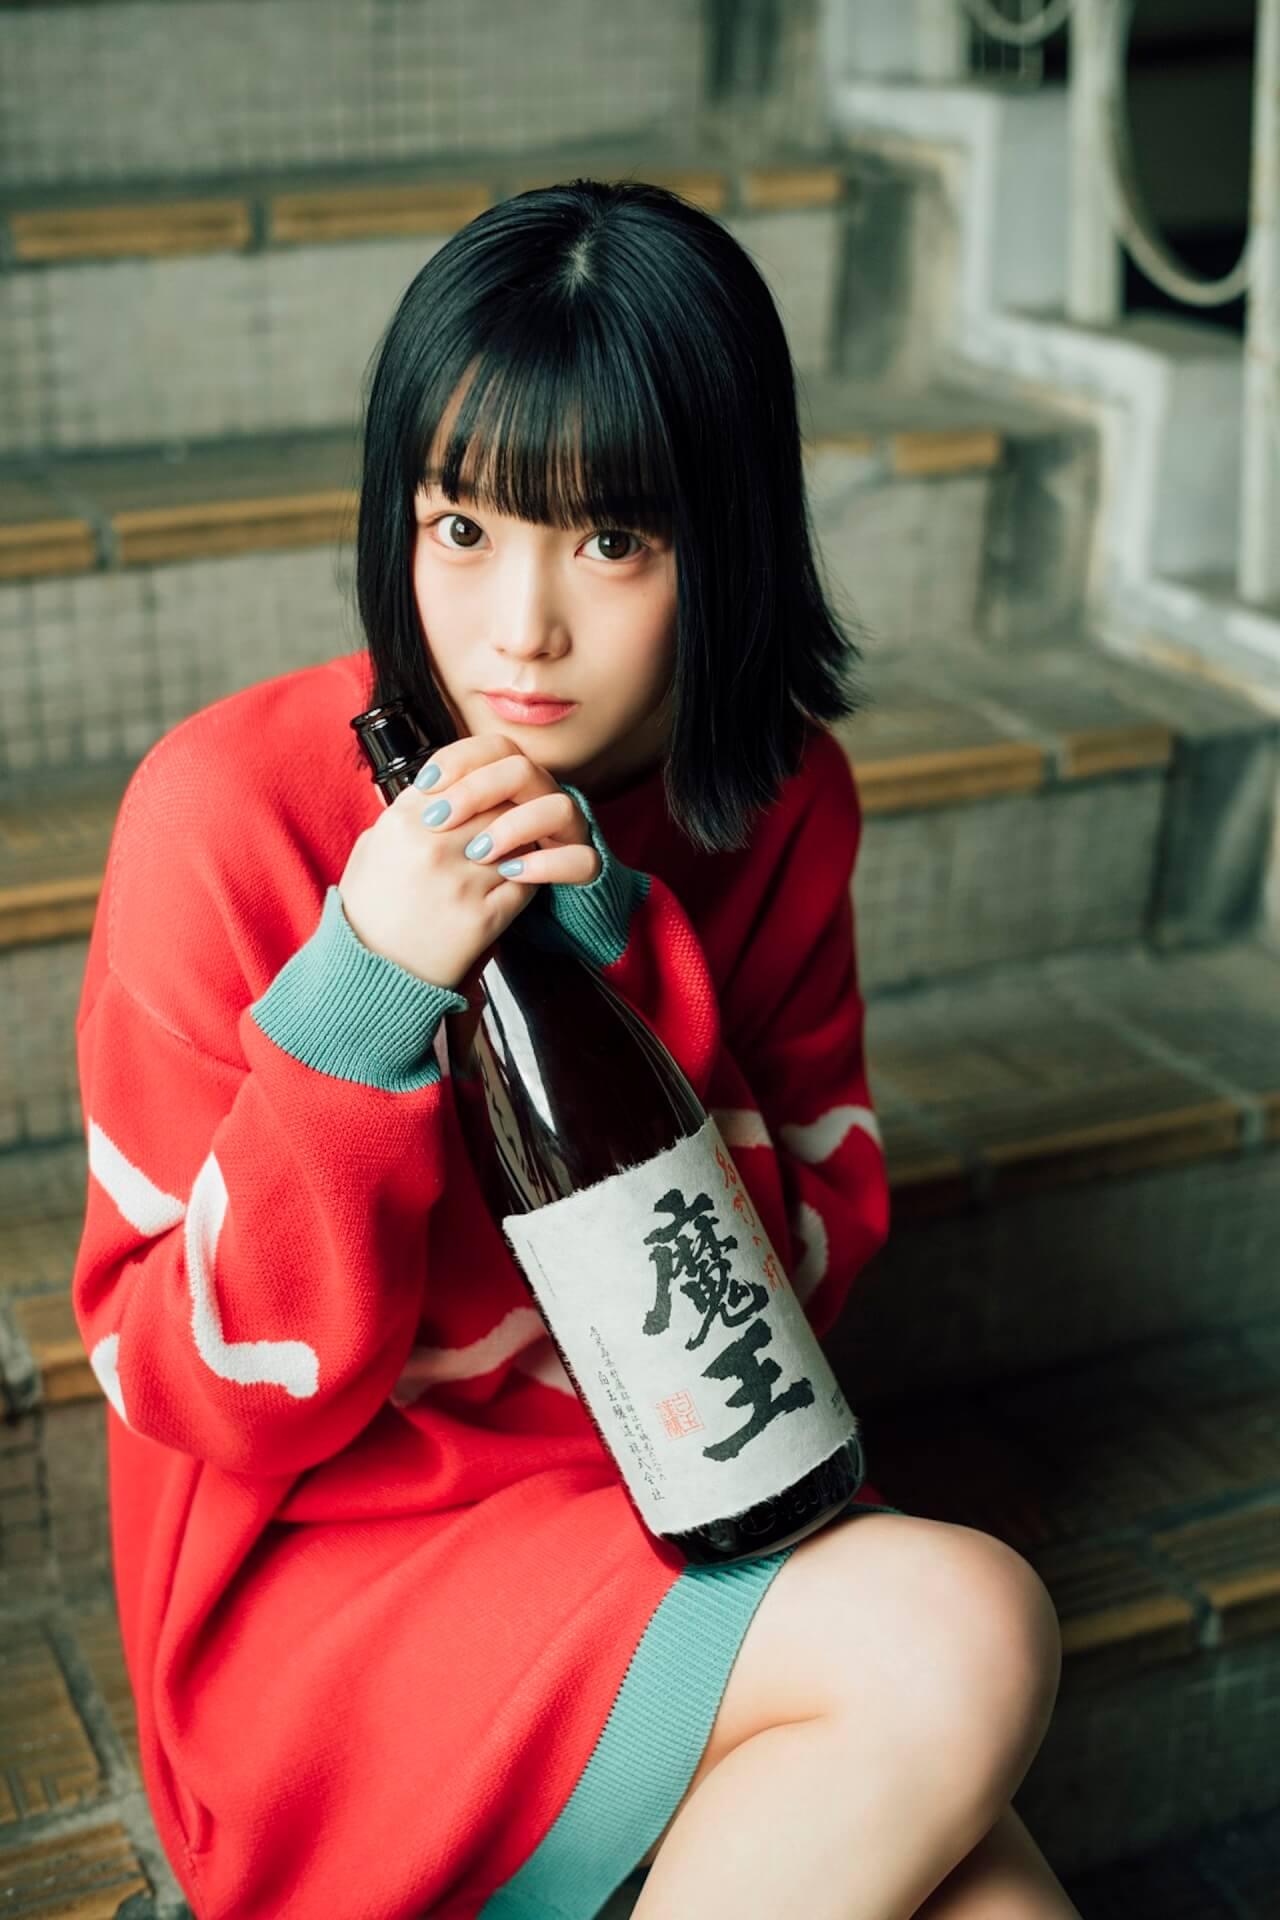 まねきケチャのリーダー・中川美優が官能的な酒グラビアを披露!デジタル写真集『酒のち、酒。』が発売 art210129_nakagawamiyu_1